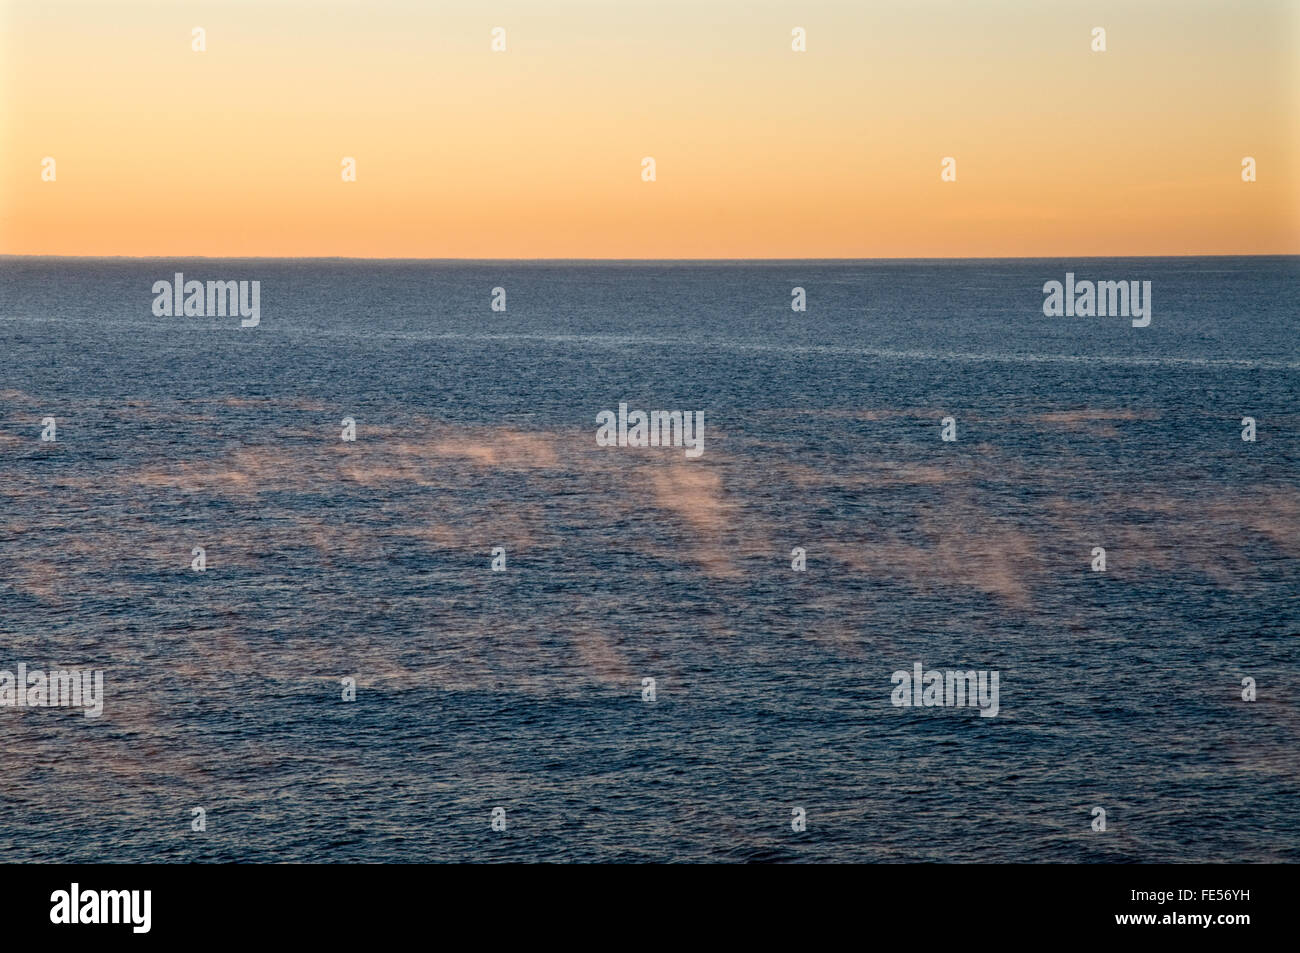 Mer, l'eau, l'horizon, le brouillard, la poussière, large, sans fin, Photo Stock